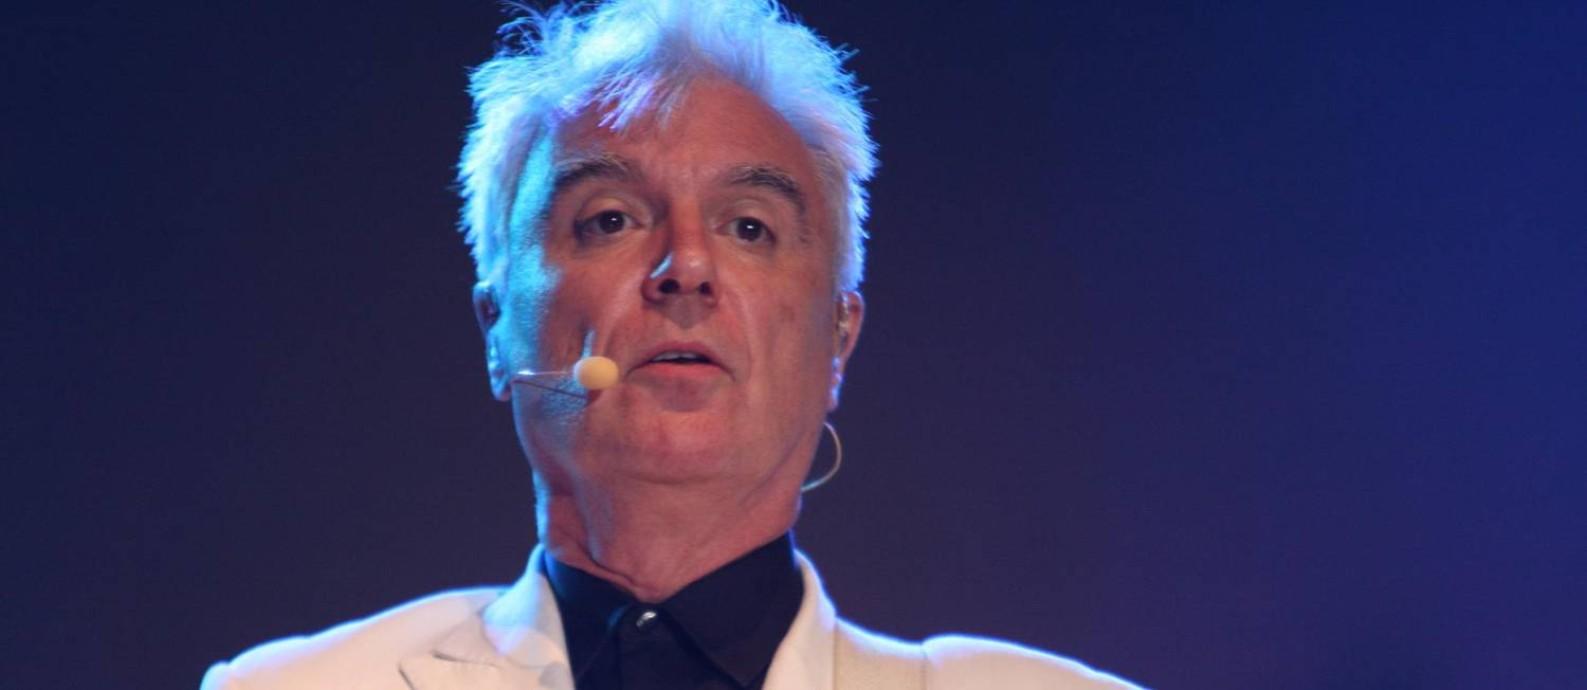 David Byrne vai fazer três shows pelo Brasil além do festival Lollapalooza Foto: Divulgação